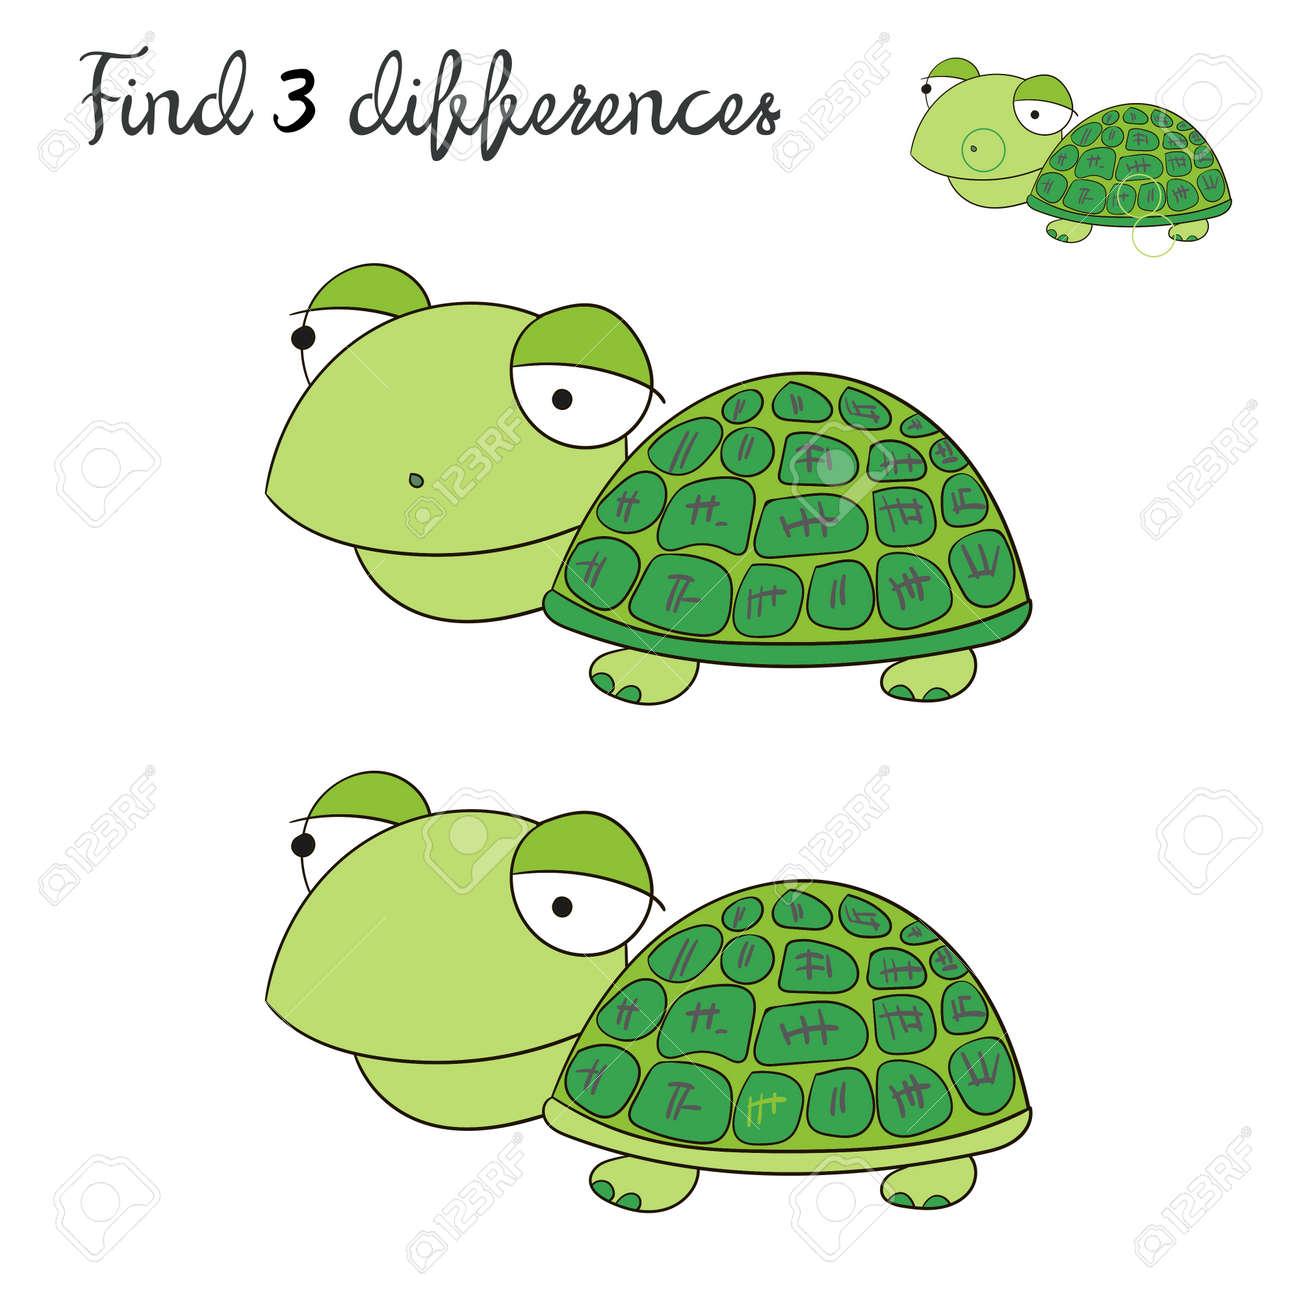 Finden Unterschiede Kinder Layout Für Spiel Schildkröte Schildkröte ...